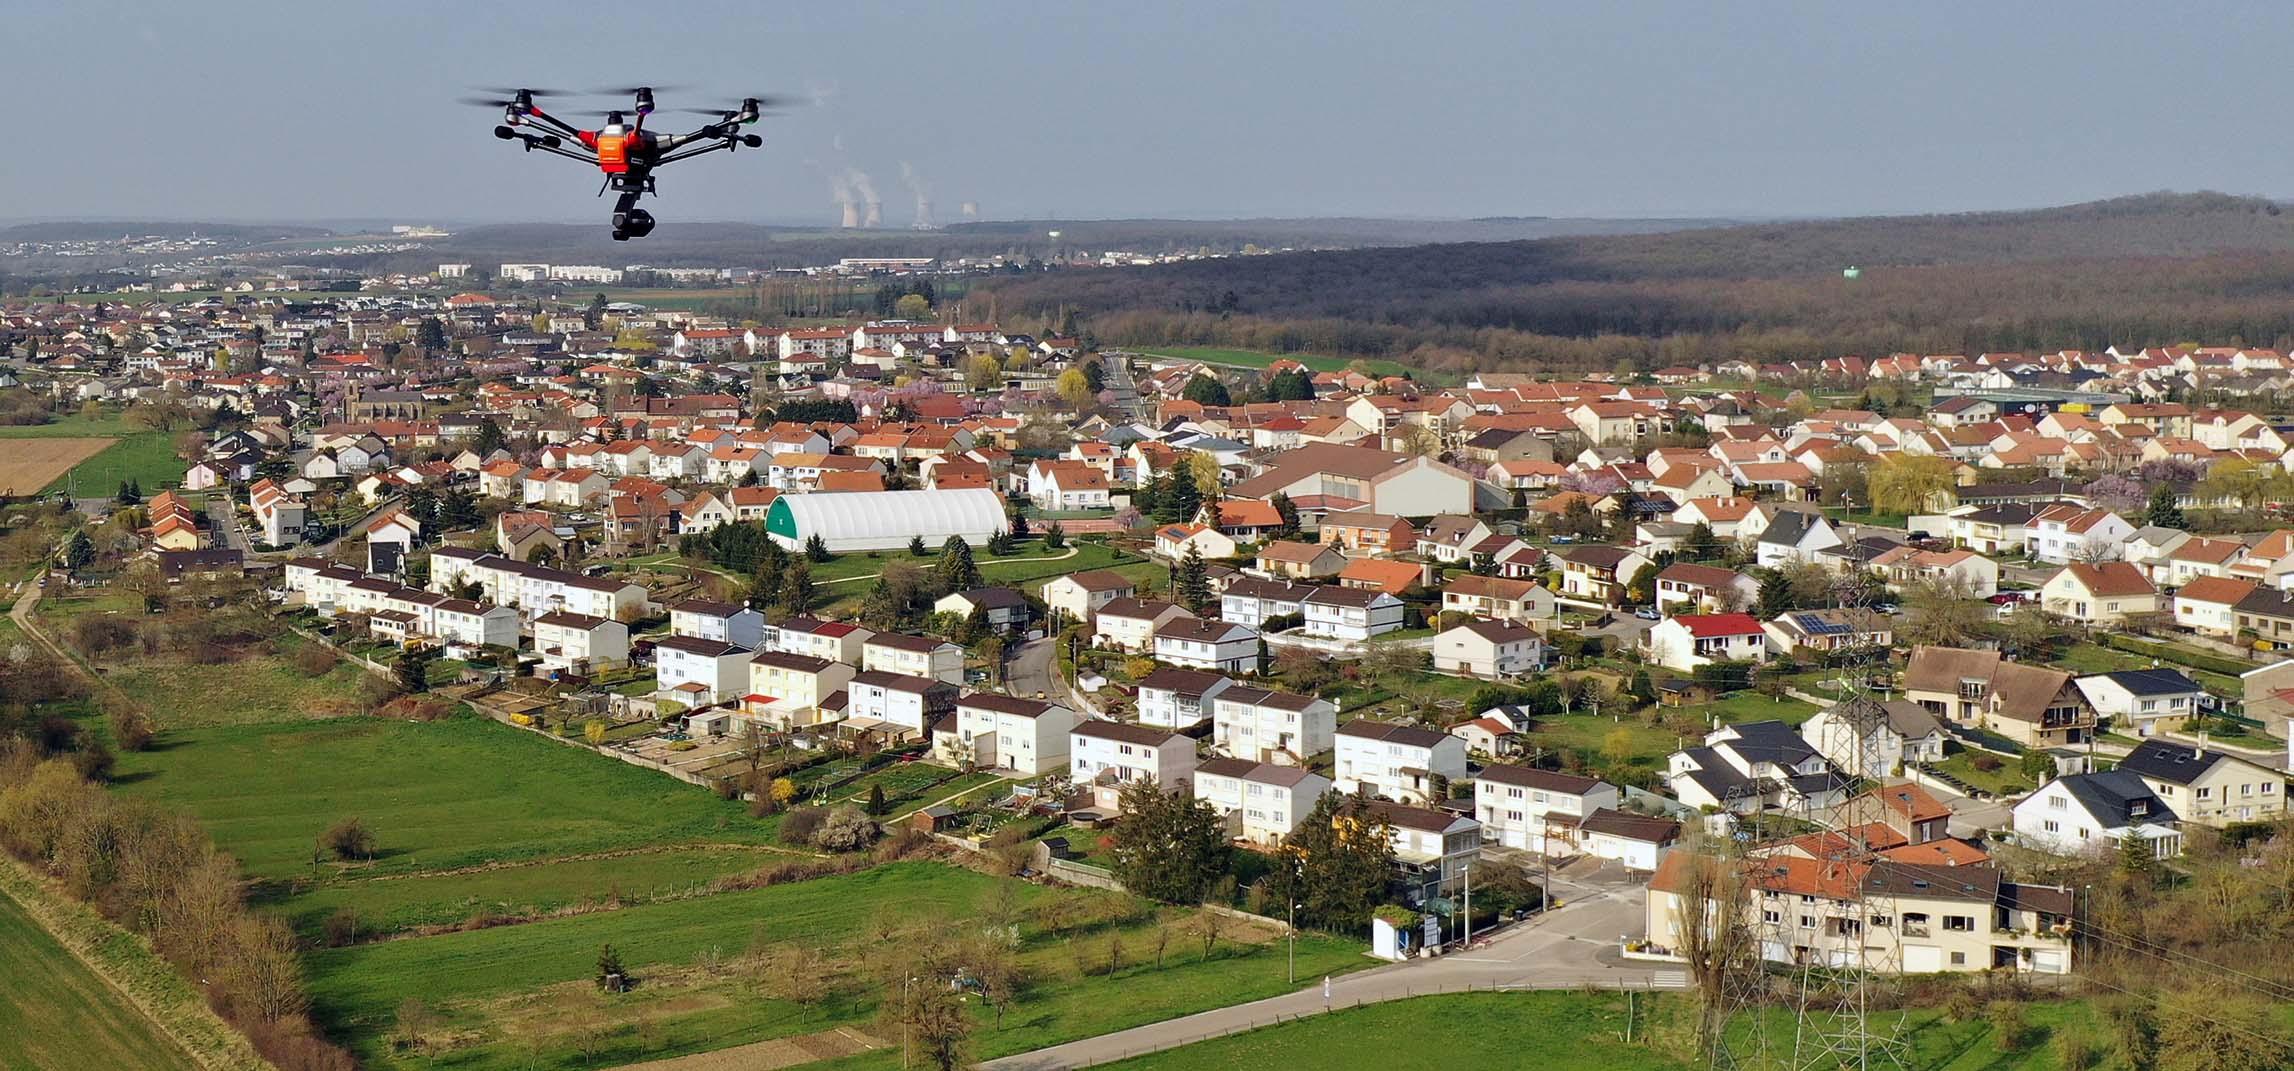 Drone prises de vue aériennes | Bertrand Zimmer Cameraman Moselle Captation vidéo Drone